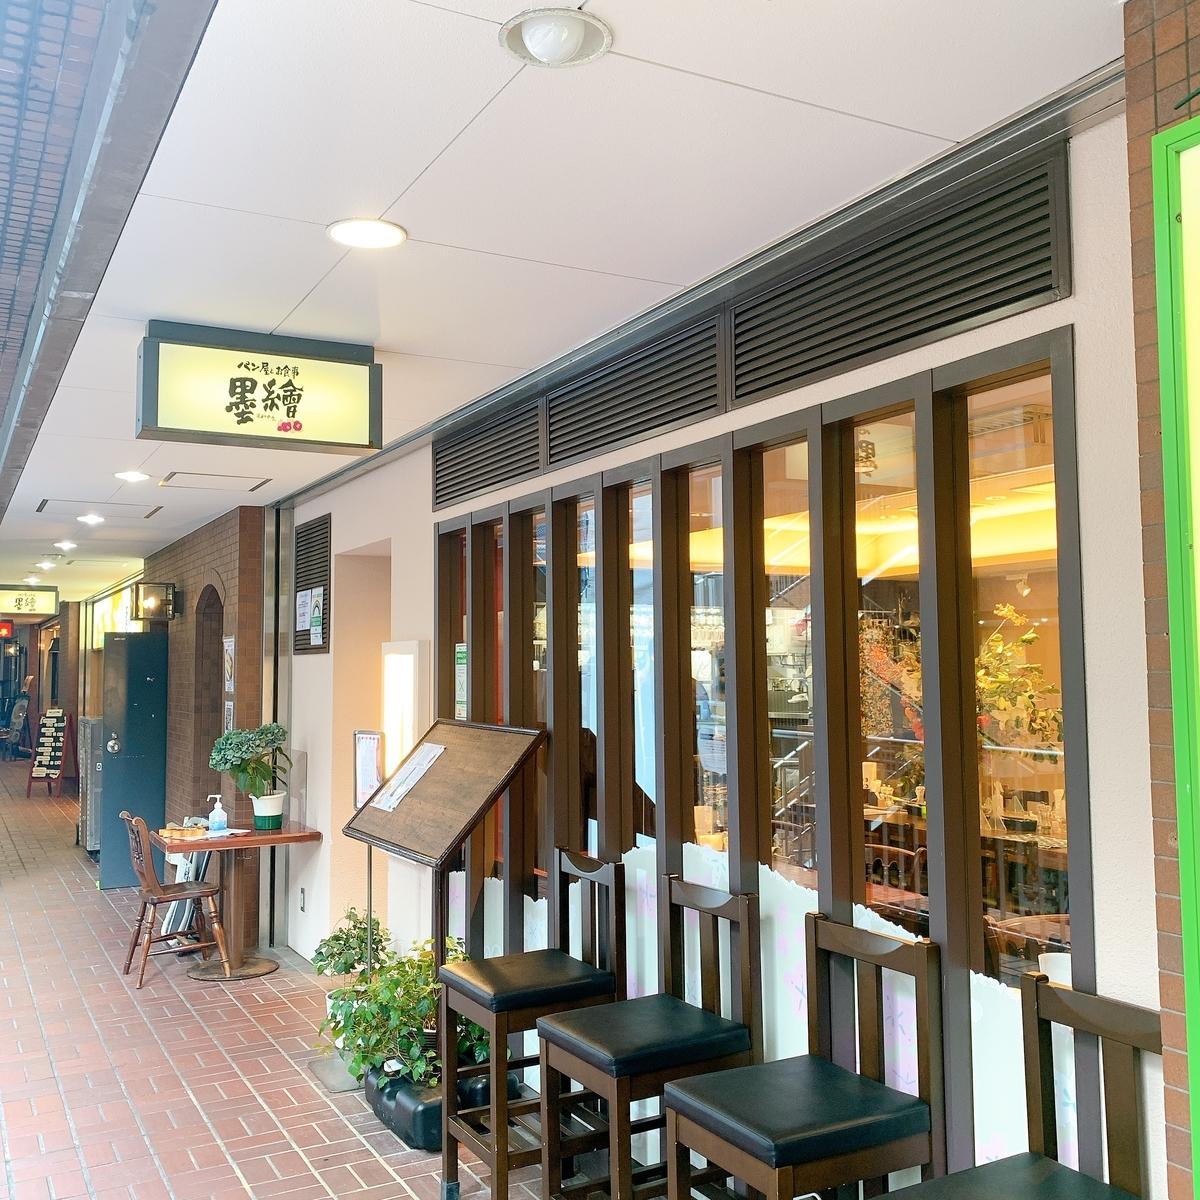 f:id:Sakuraba-no-Daberiba:20210722214251j:plain